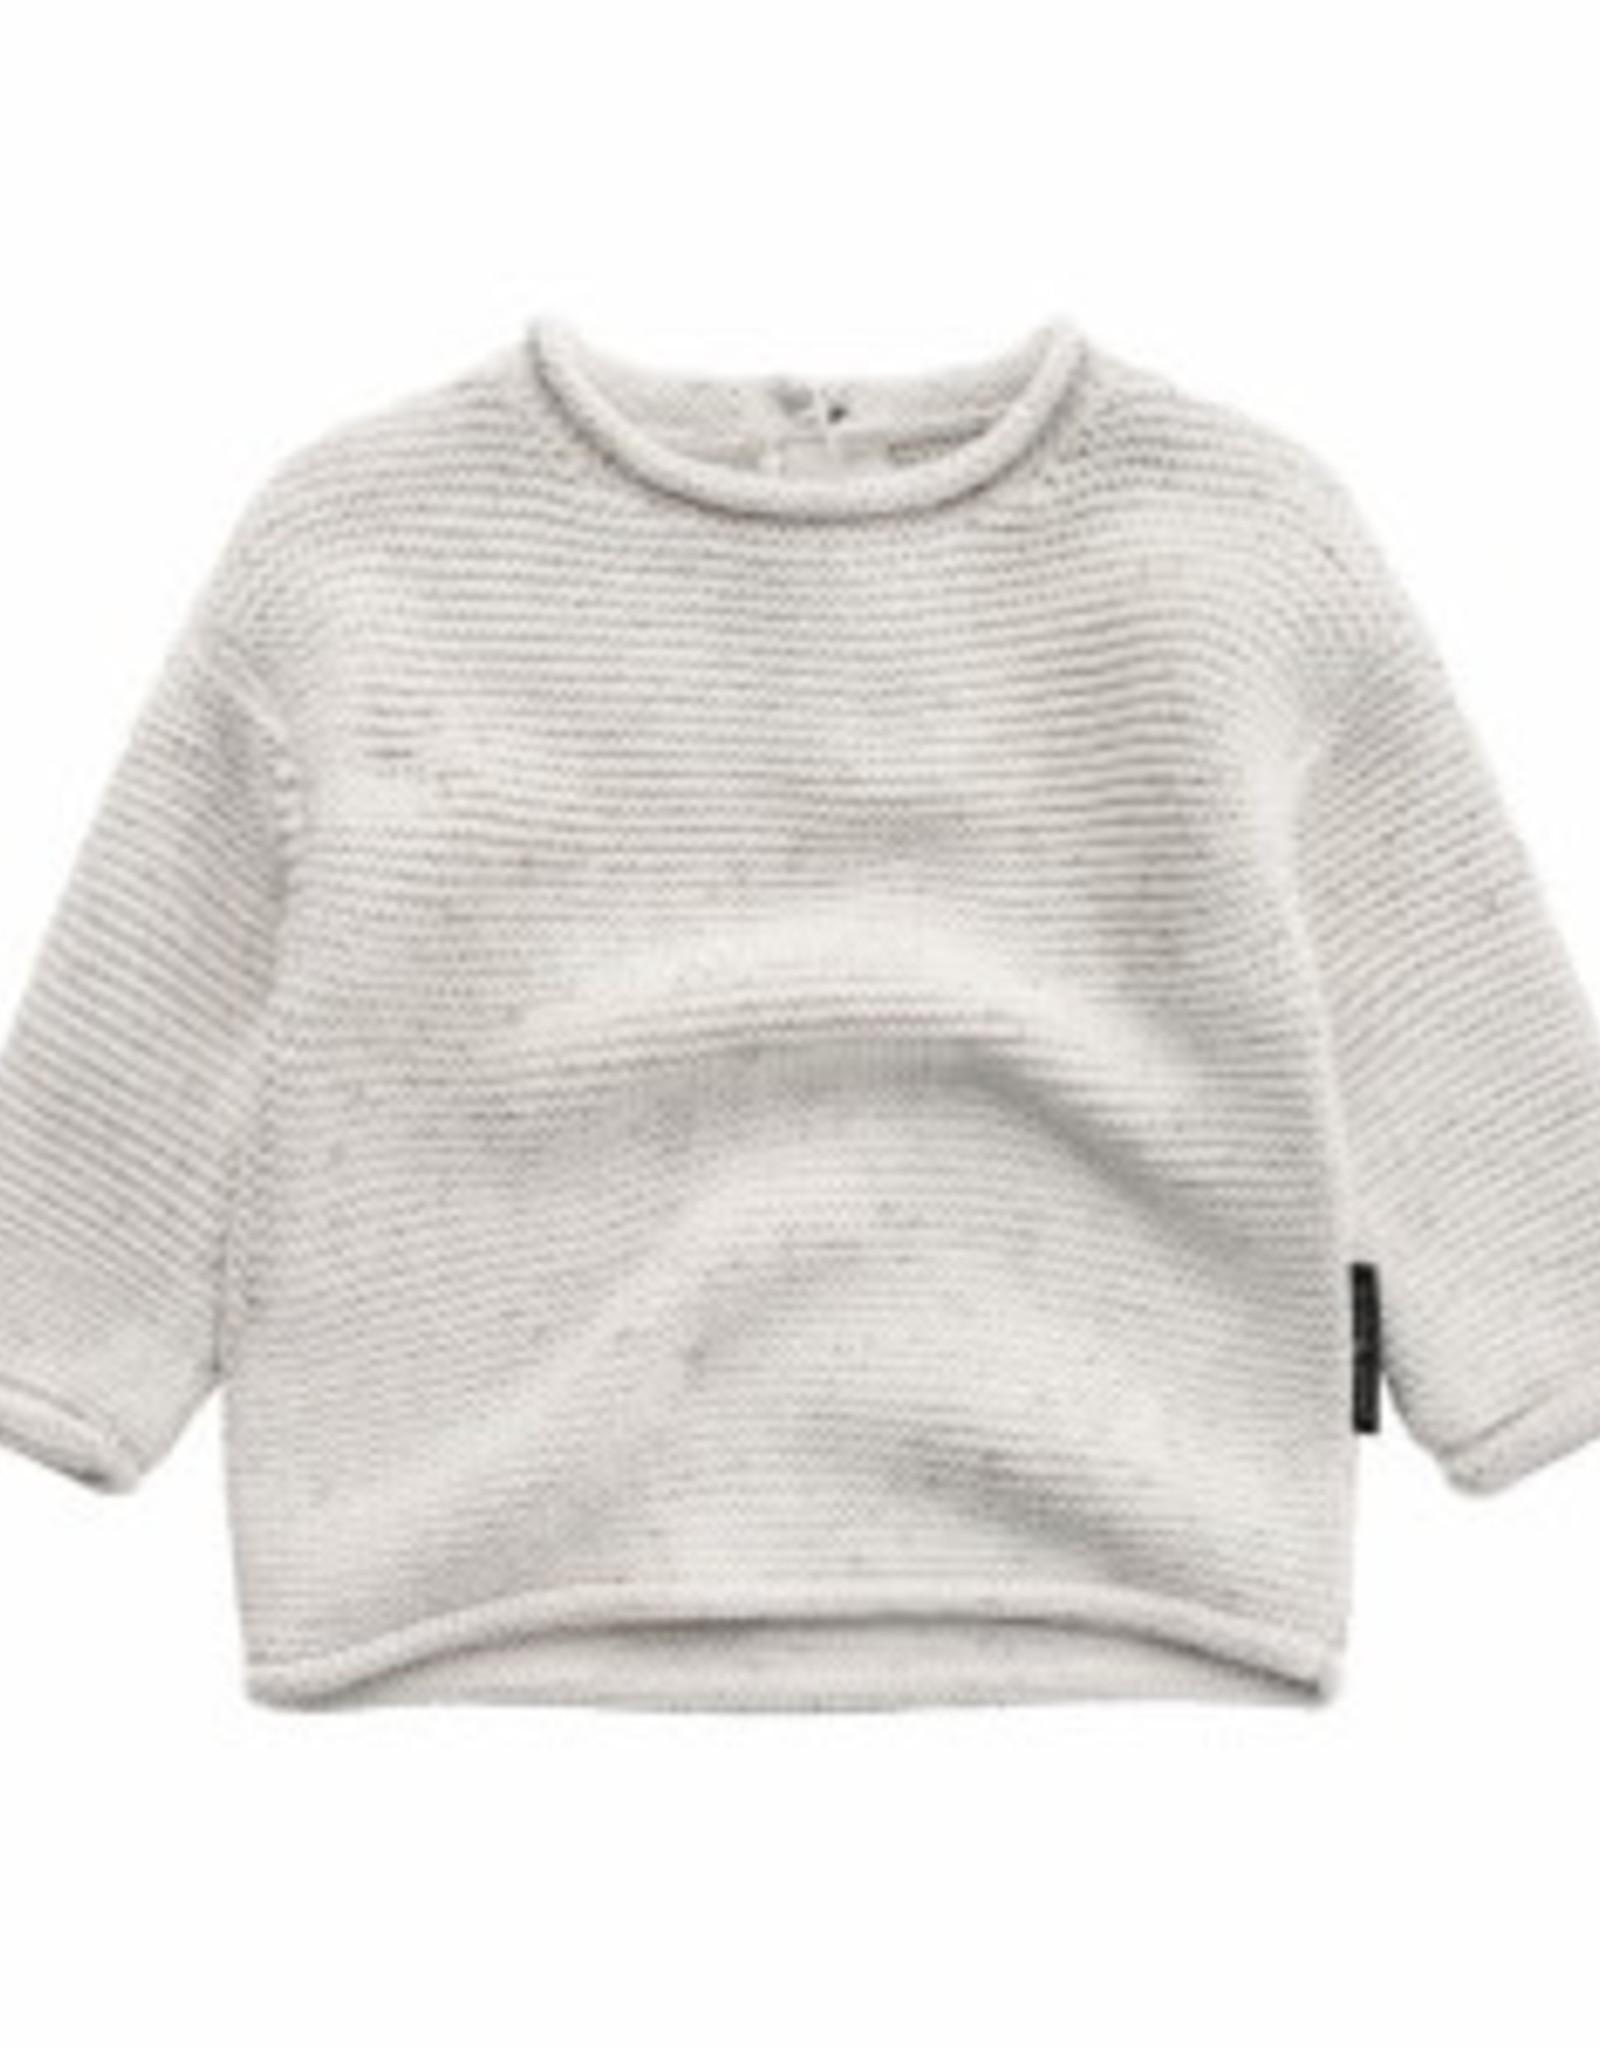 Knit  Boxy Sweater maat 122/128